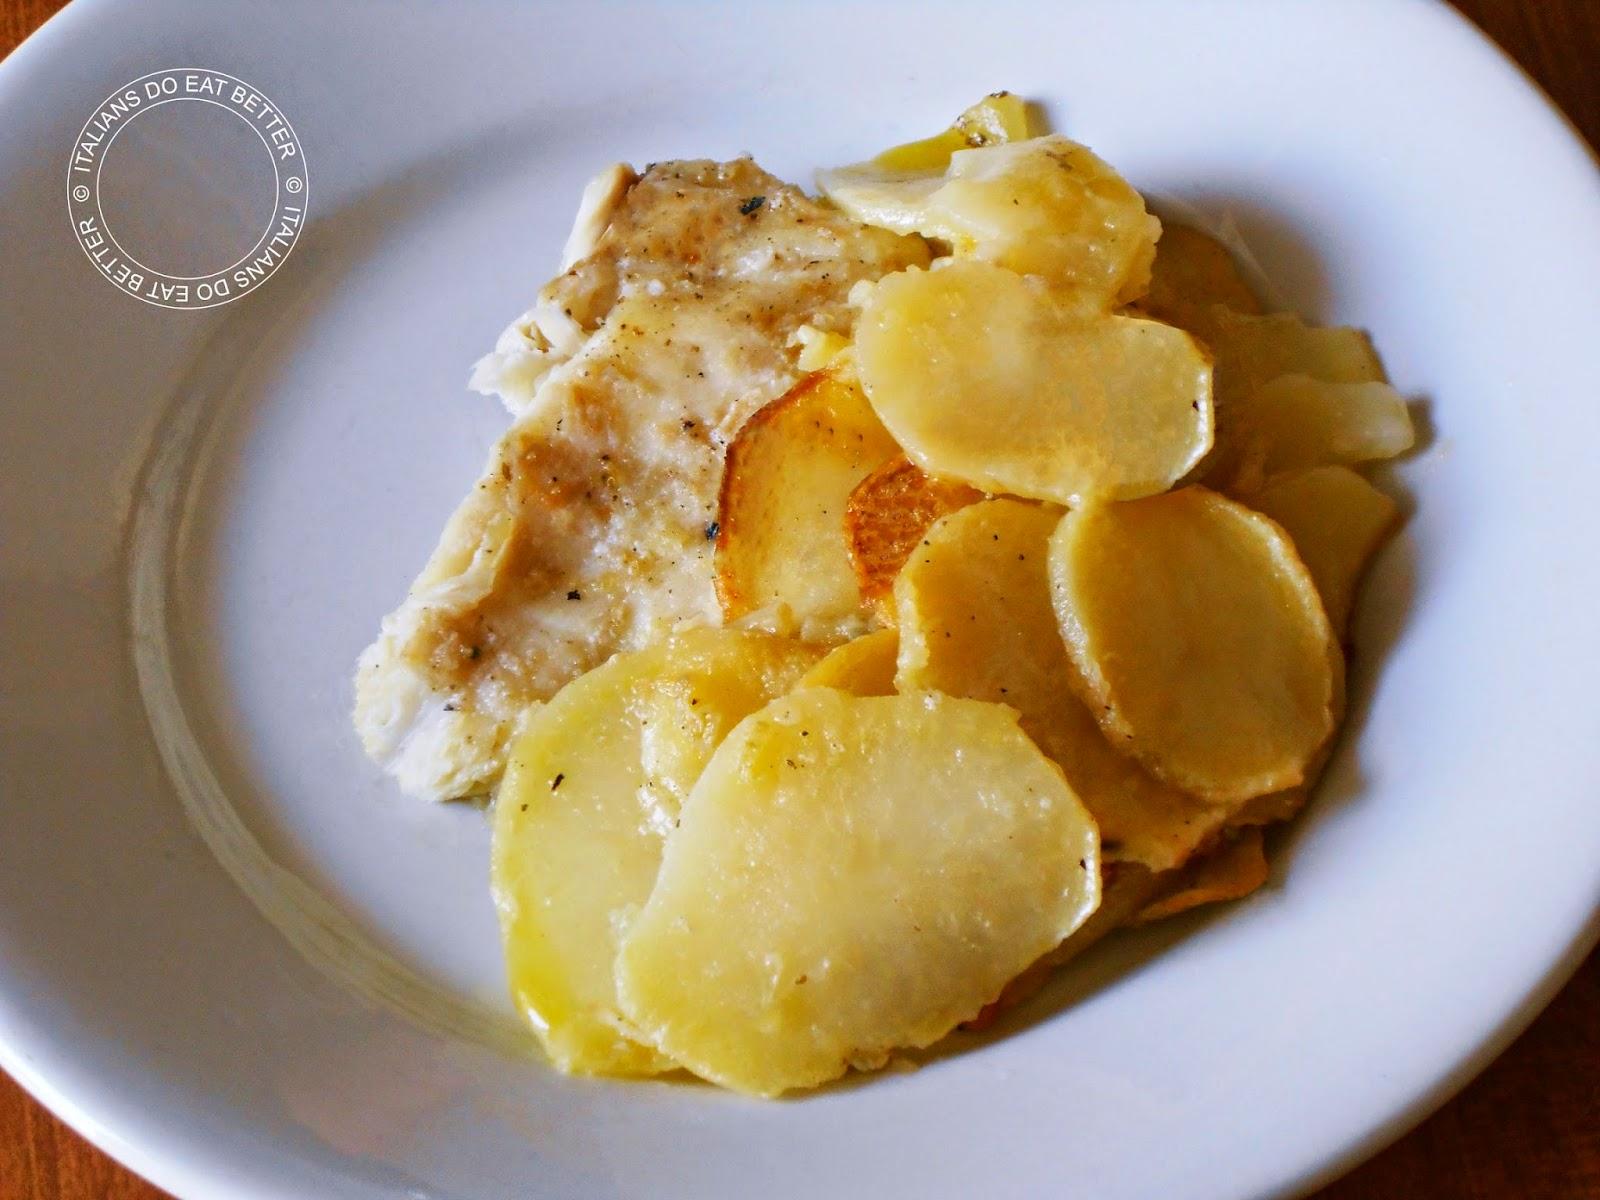 Filetti di platessa su letto di patate italians do eat better - Filetto di orata al forno su letto di patate ...